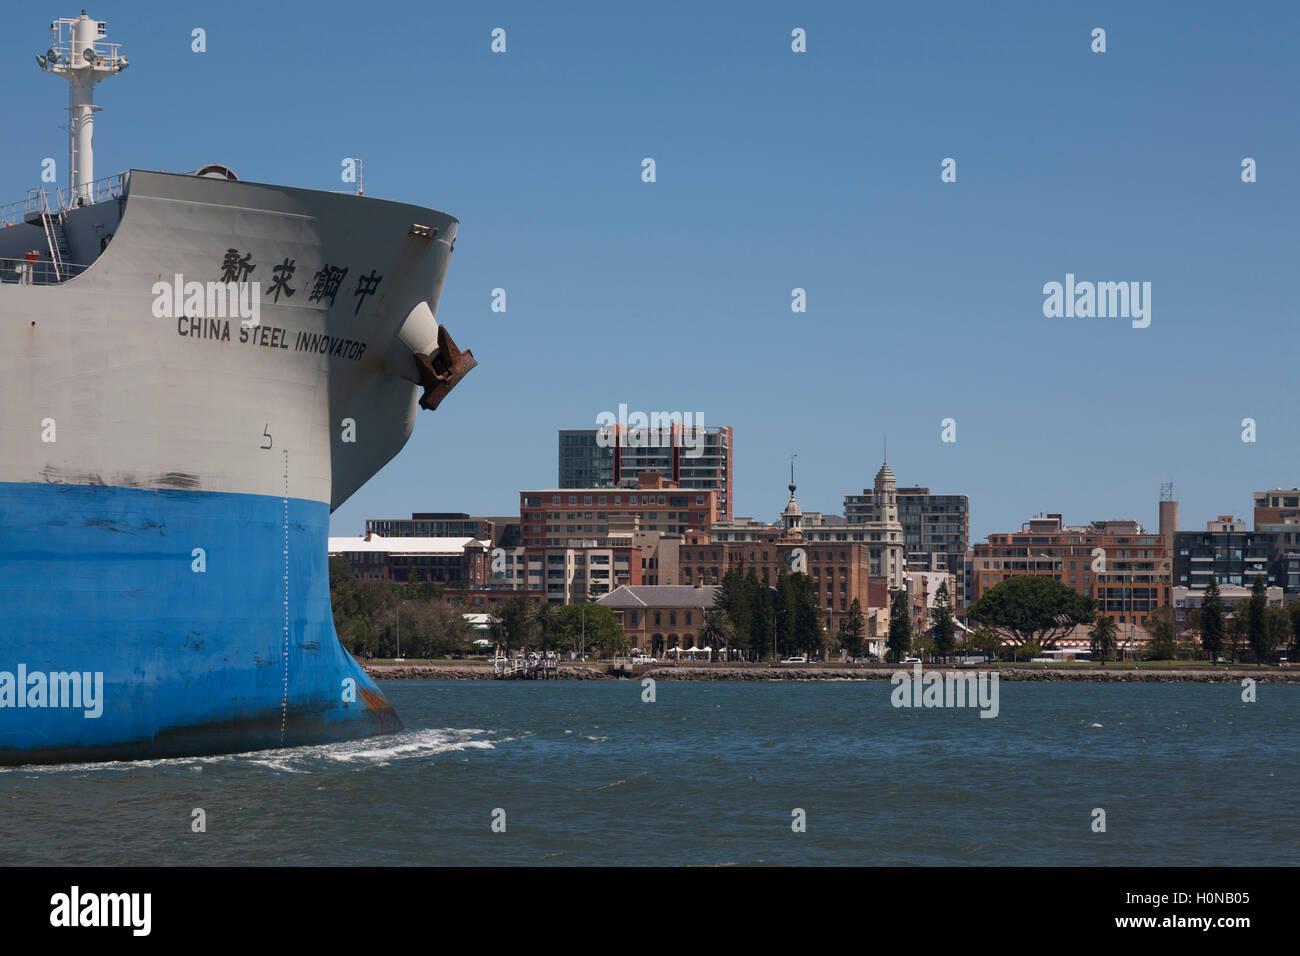 Capesize Bulk Carrier China Stahl Innovator kommt mit Hilfe der Hafen Schlepper im Hafen von Newcastle. Stockbild